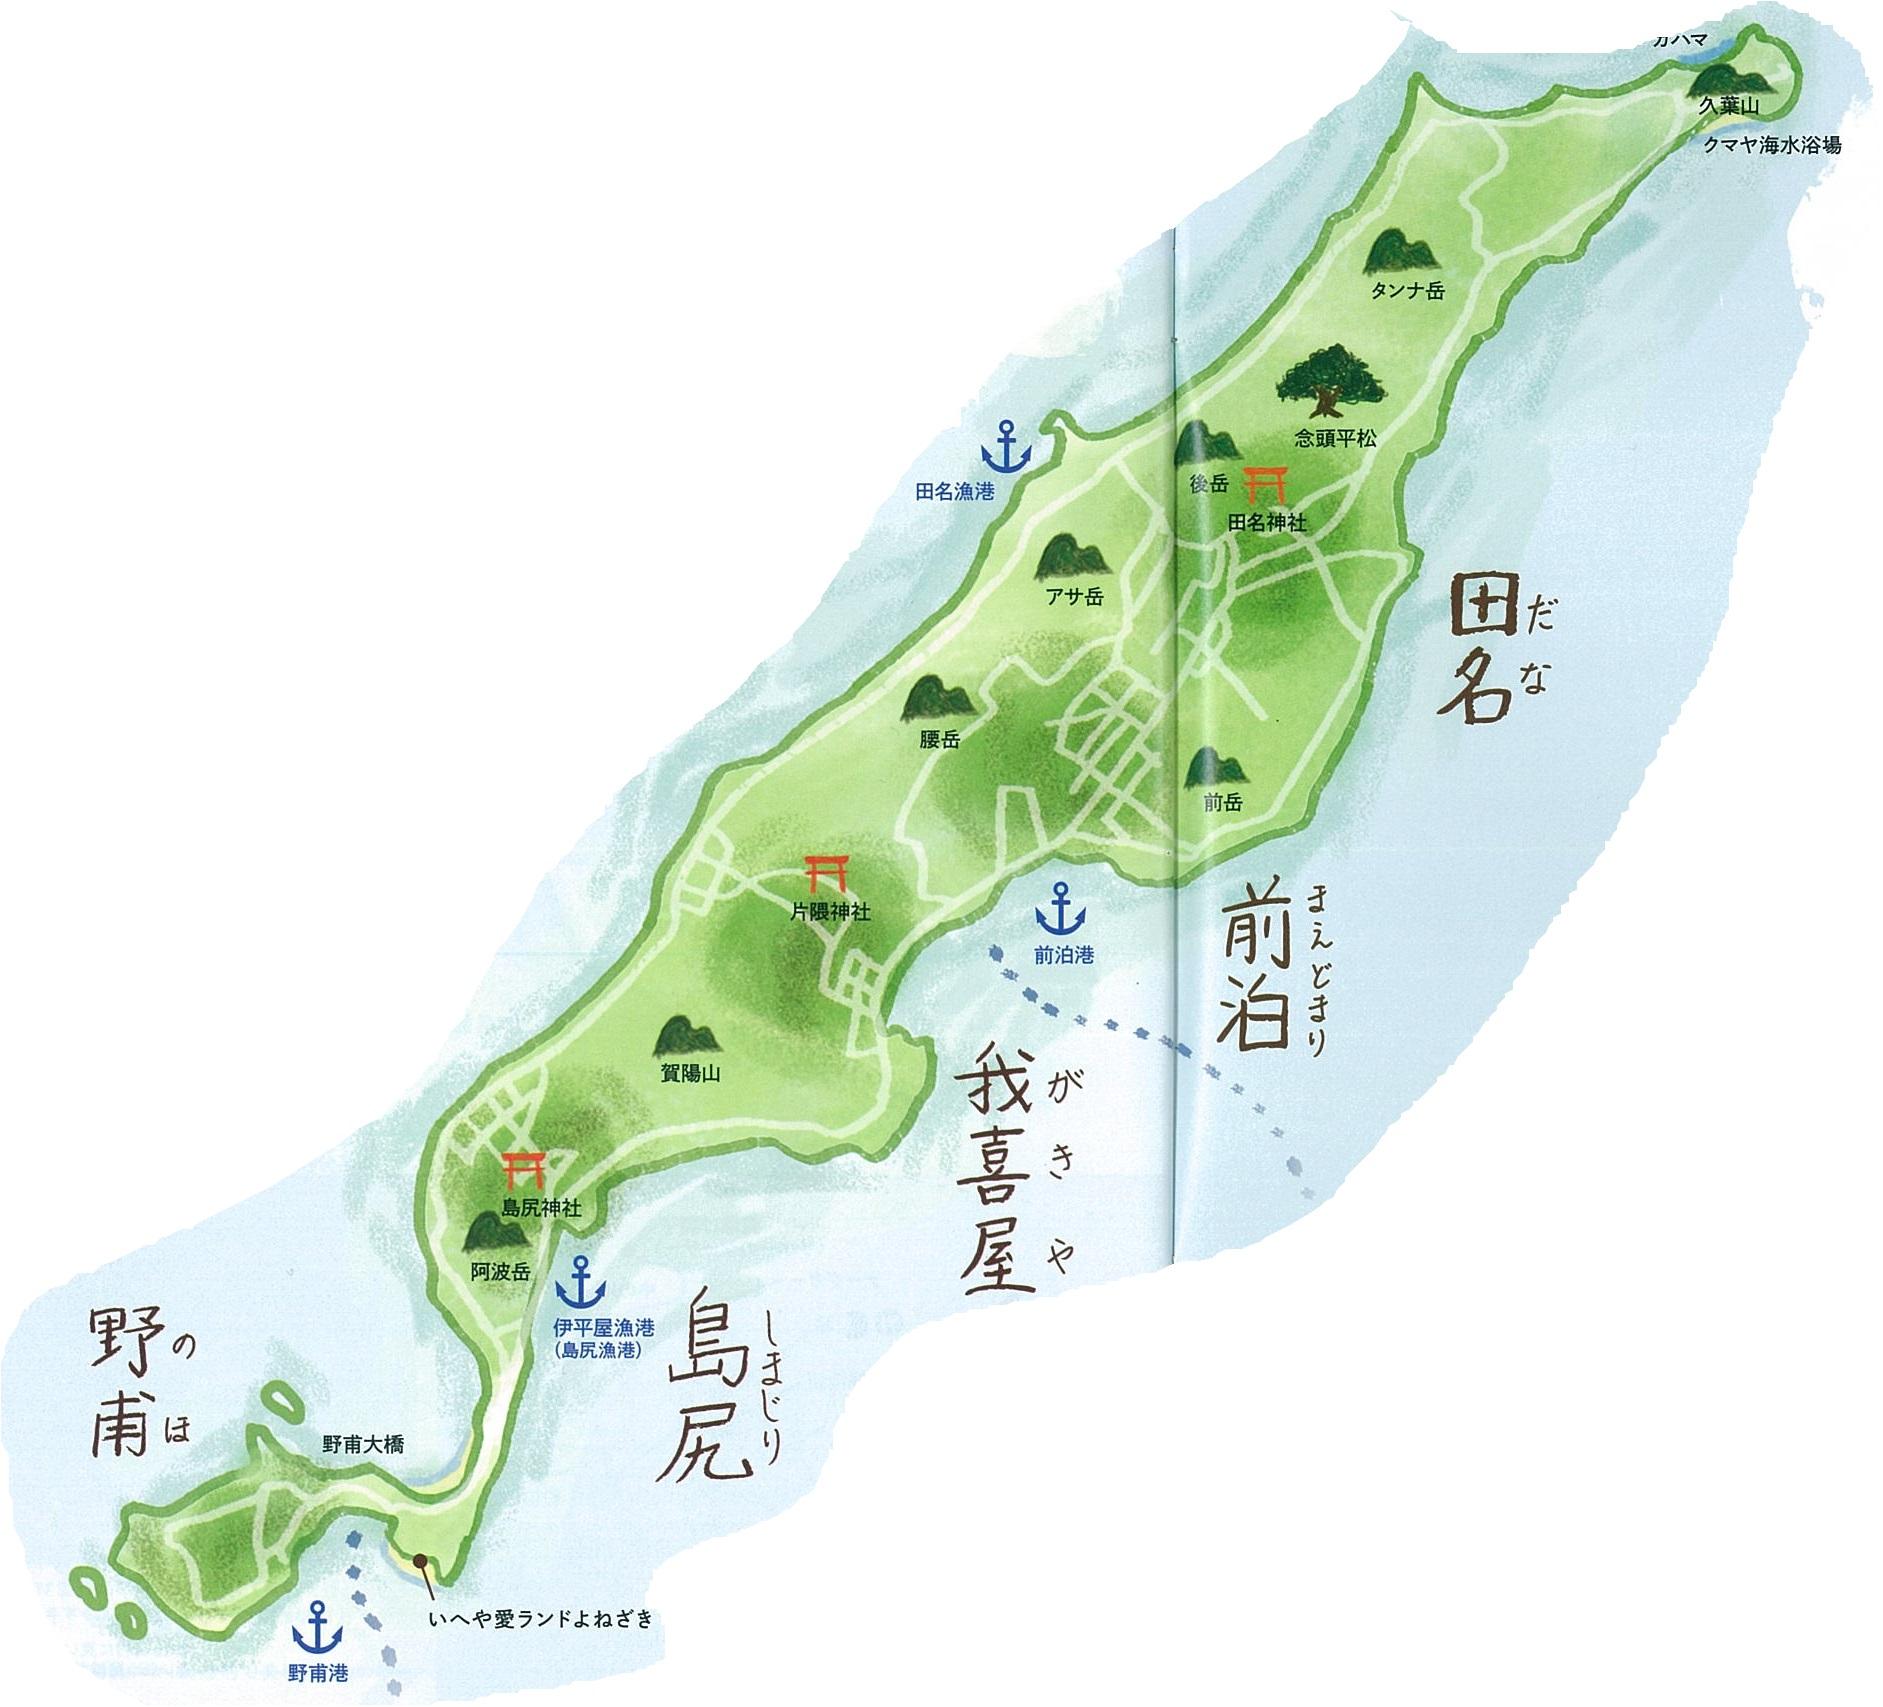 伊平屋島の山の配置